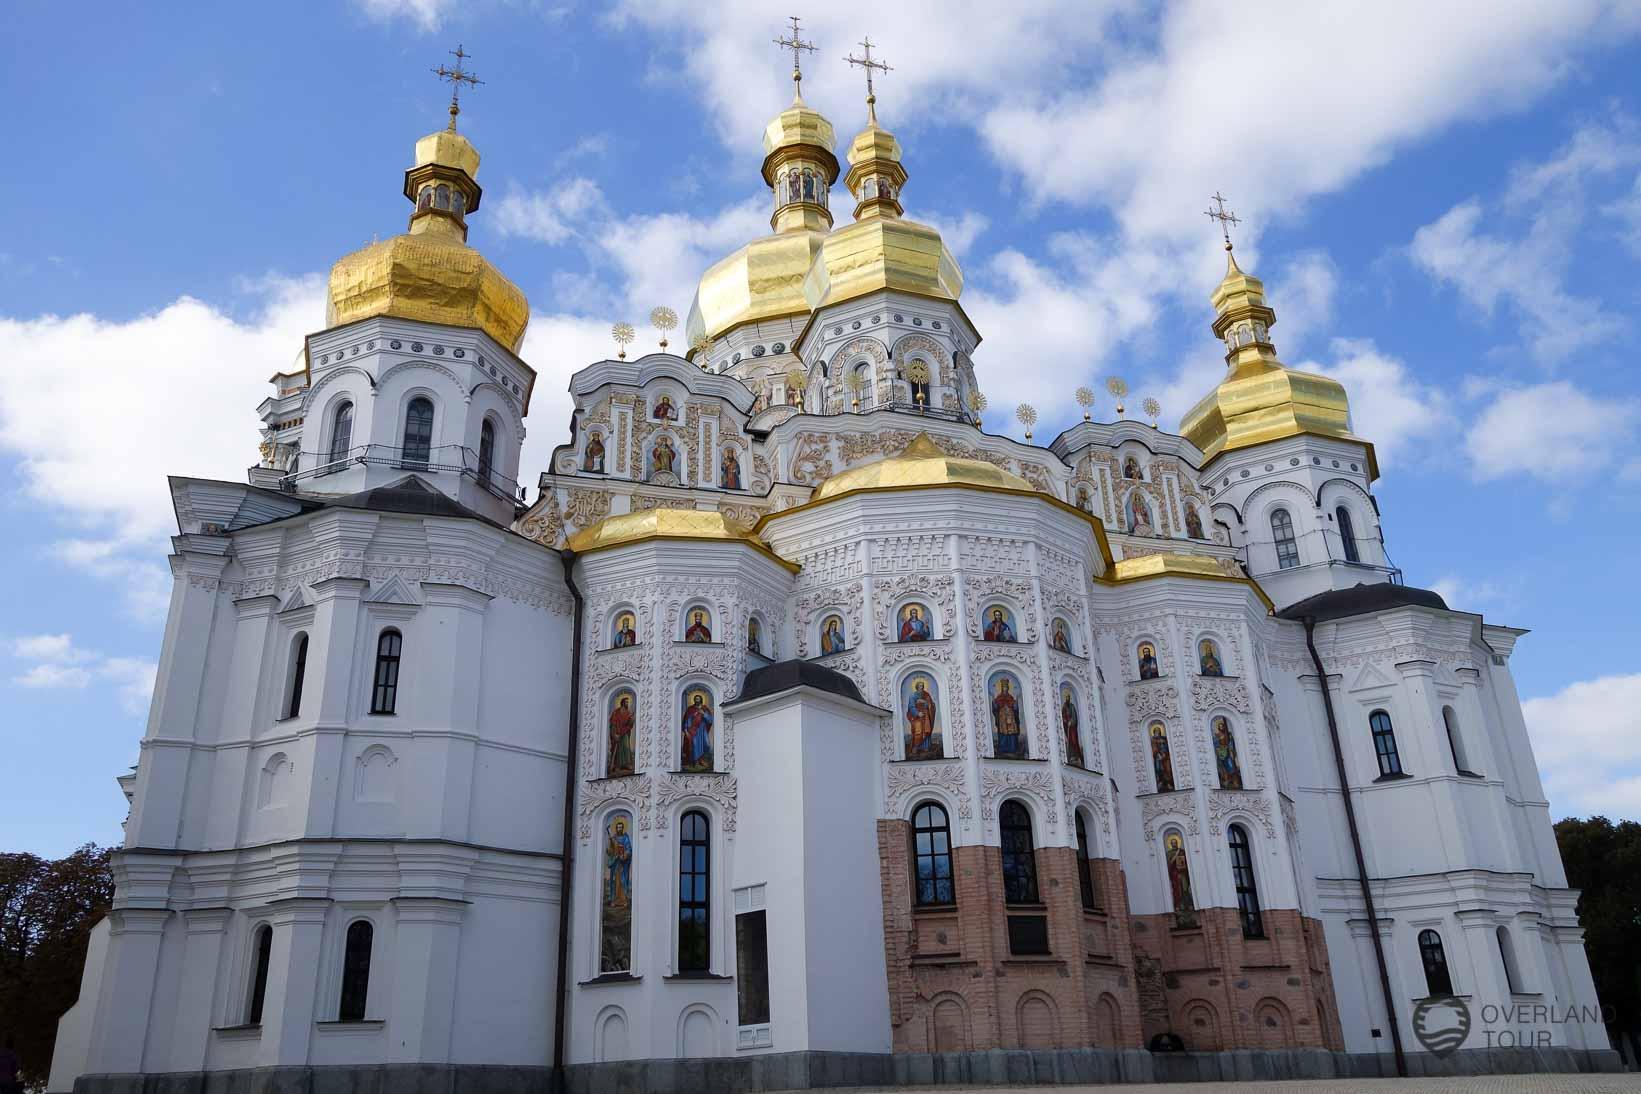 Mariä-Entschlafens-Kathedrale und das Höhlenkloster